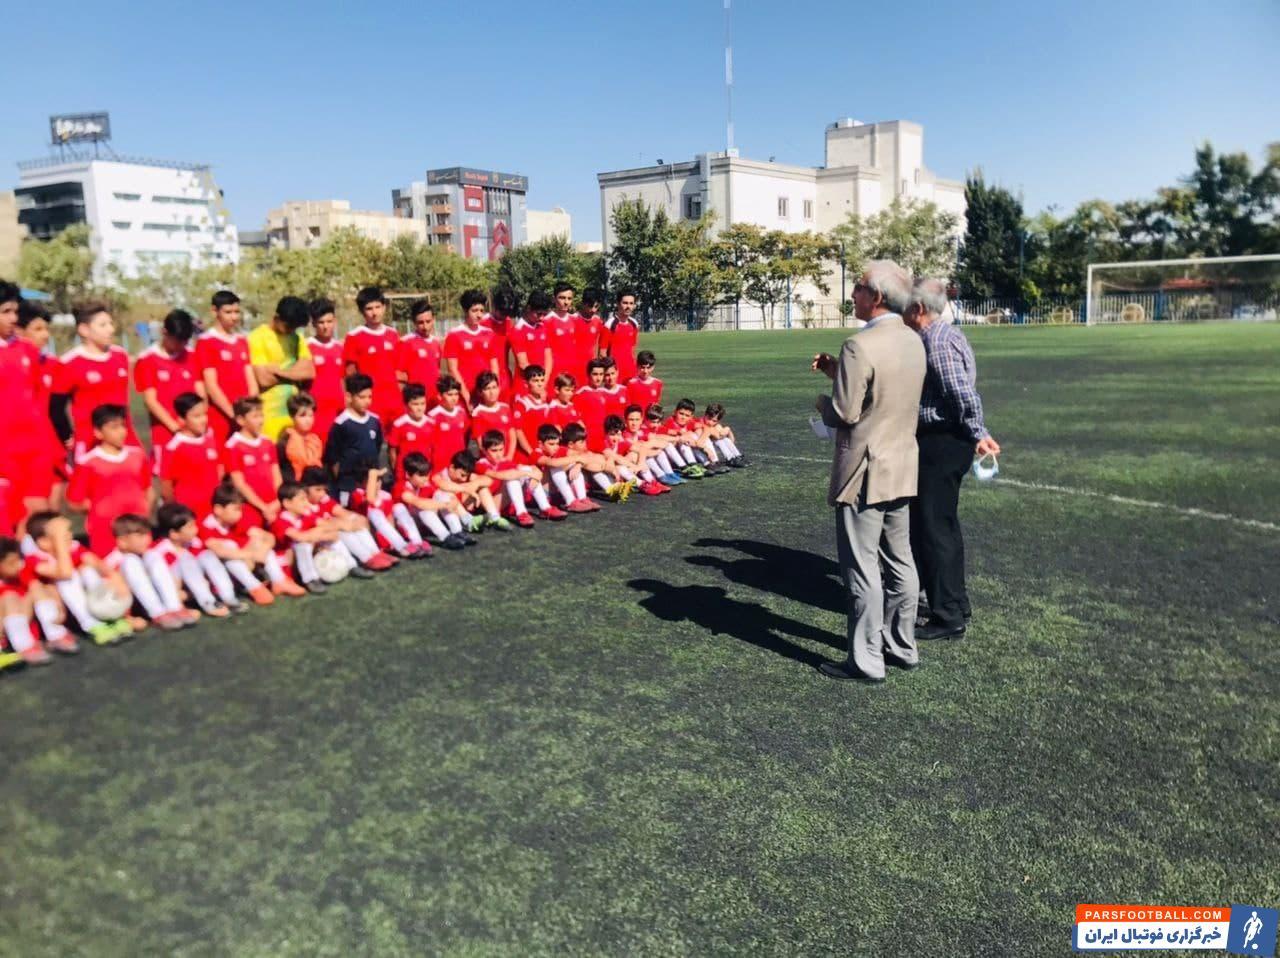 بنابراین، جمشید نظمی امروز صبح به مدارس فوتبال تراکتور سری زد تا نشان دهد نه تنها برای ادامه فصل 1400-1401 برنامه دارد.